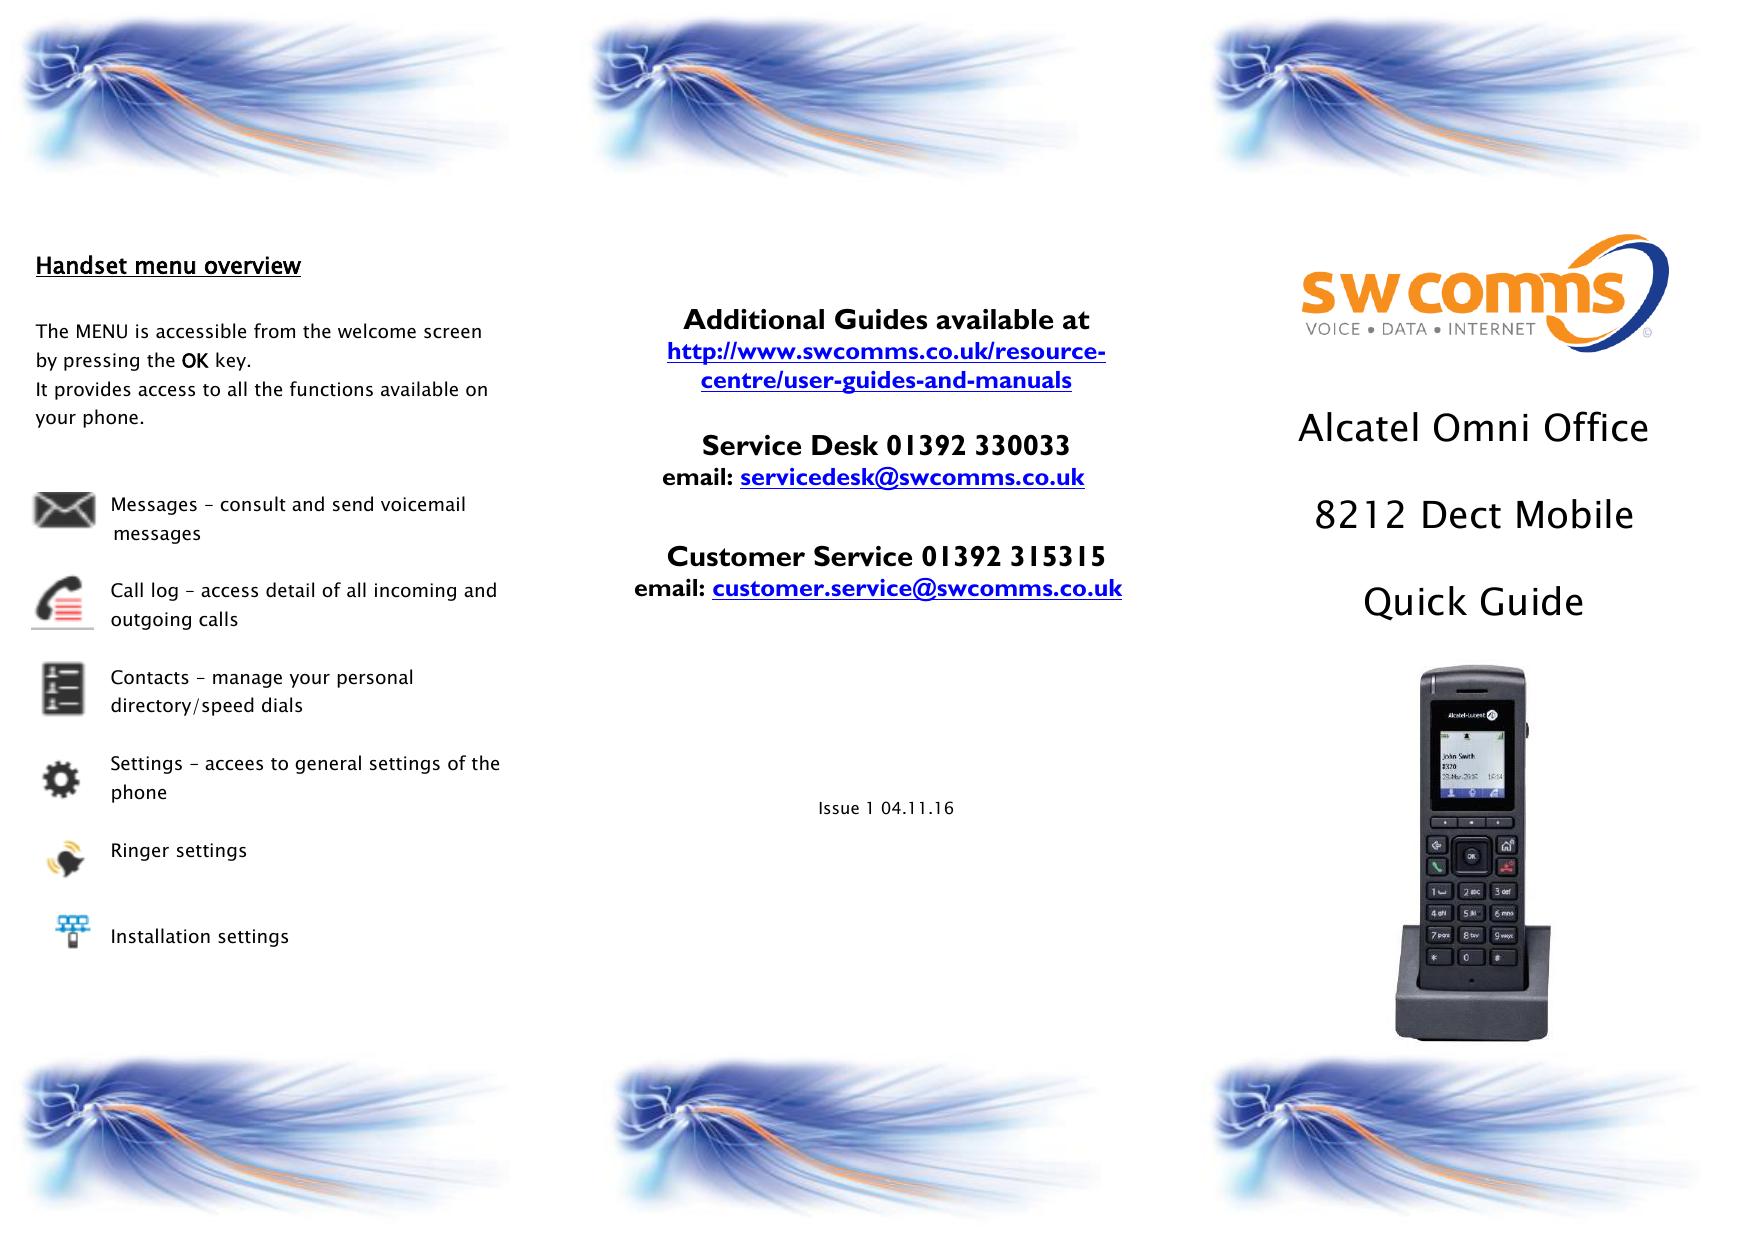 Alcatel Omni Office 8212 Dect Mobile Quick Guide | manualzz com